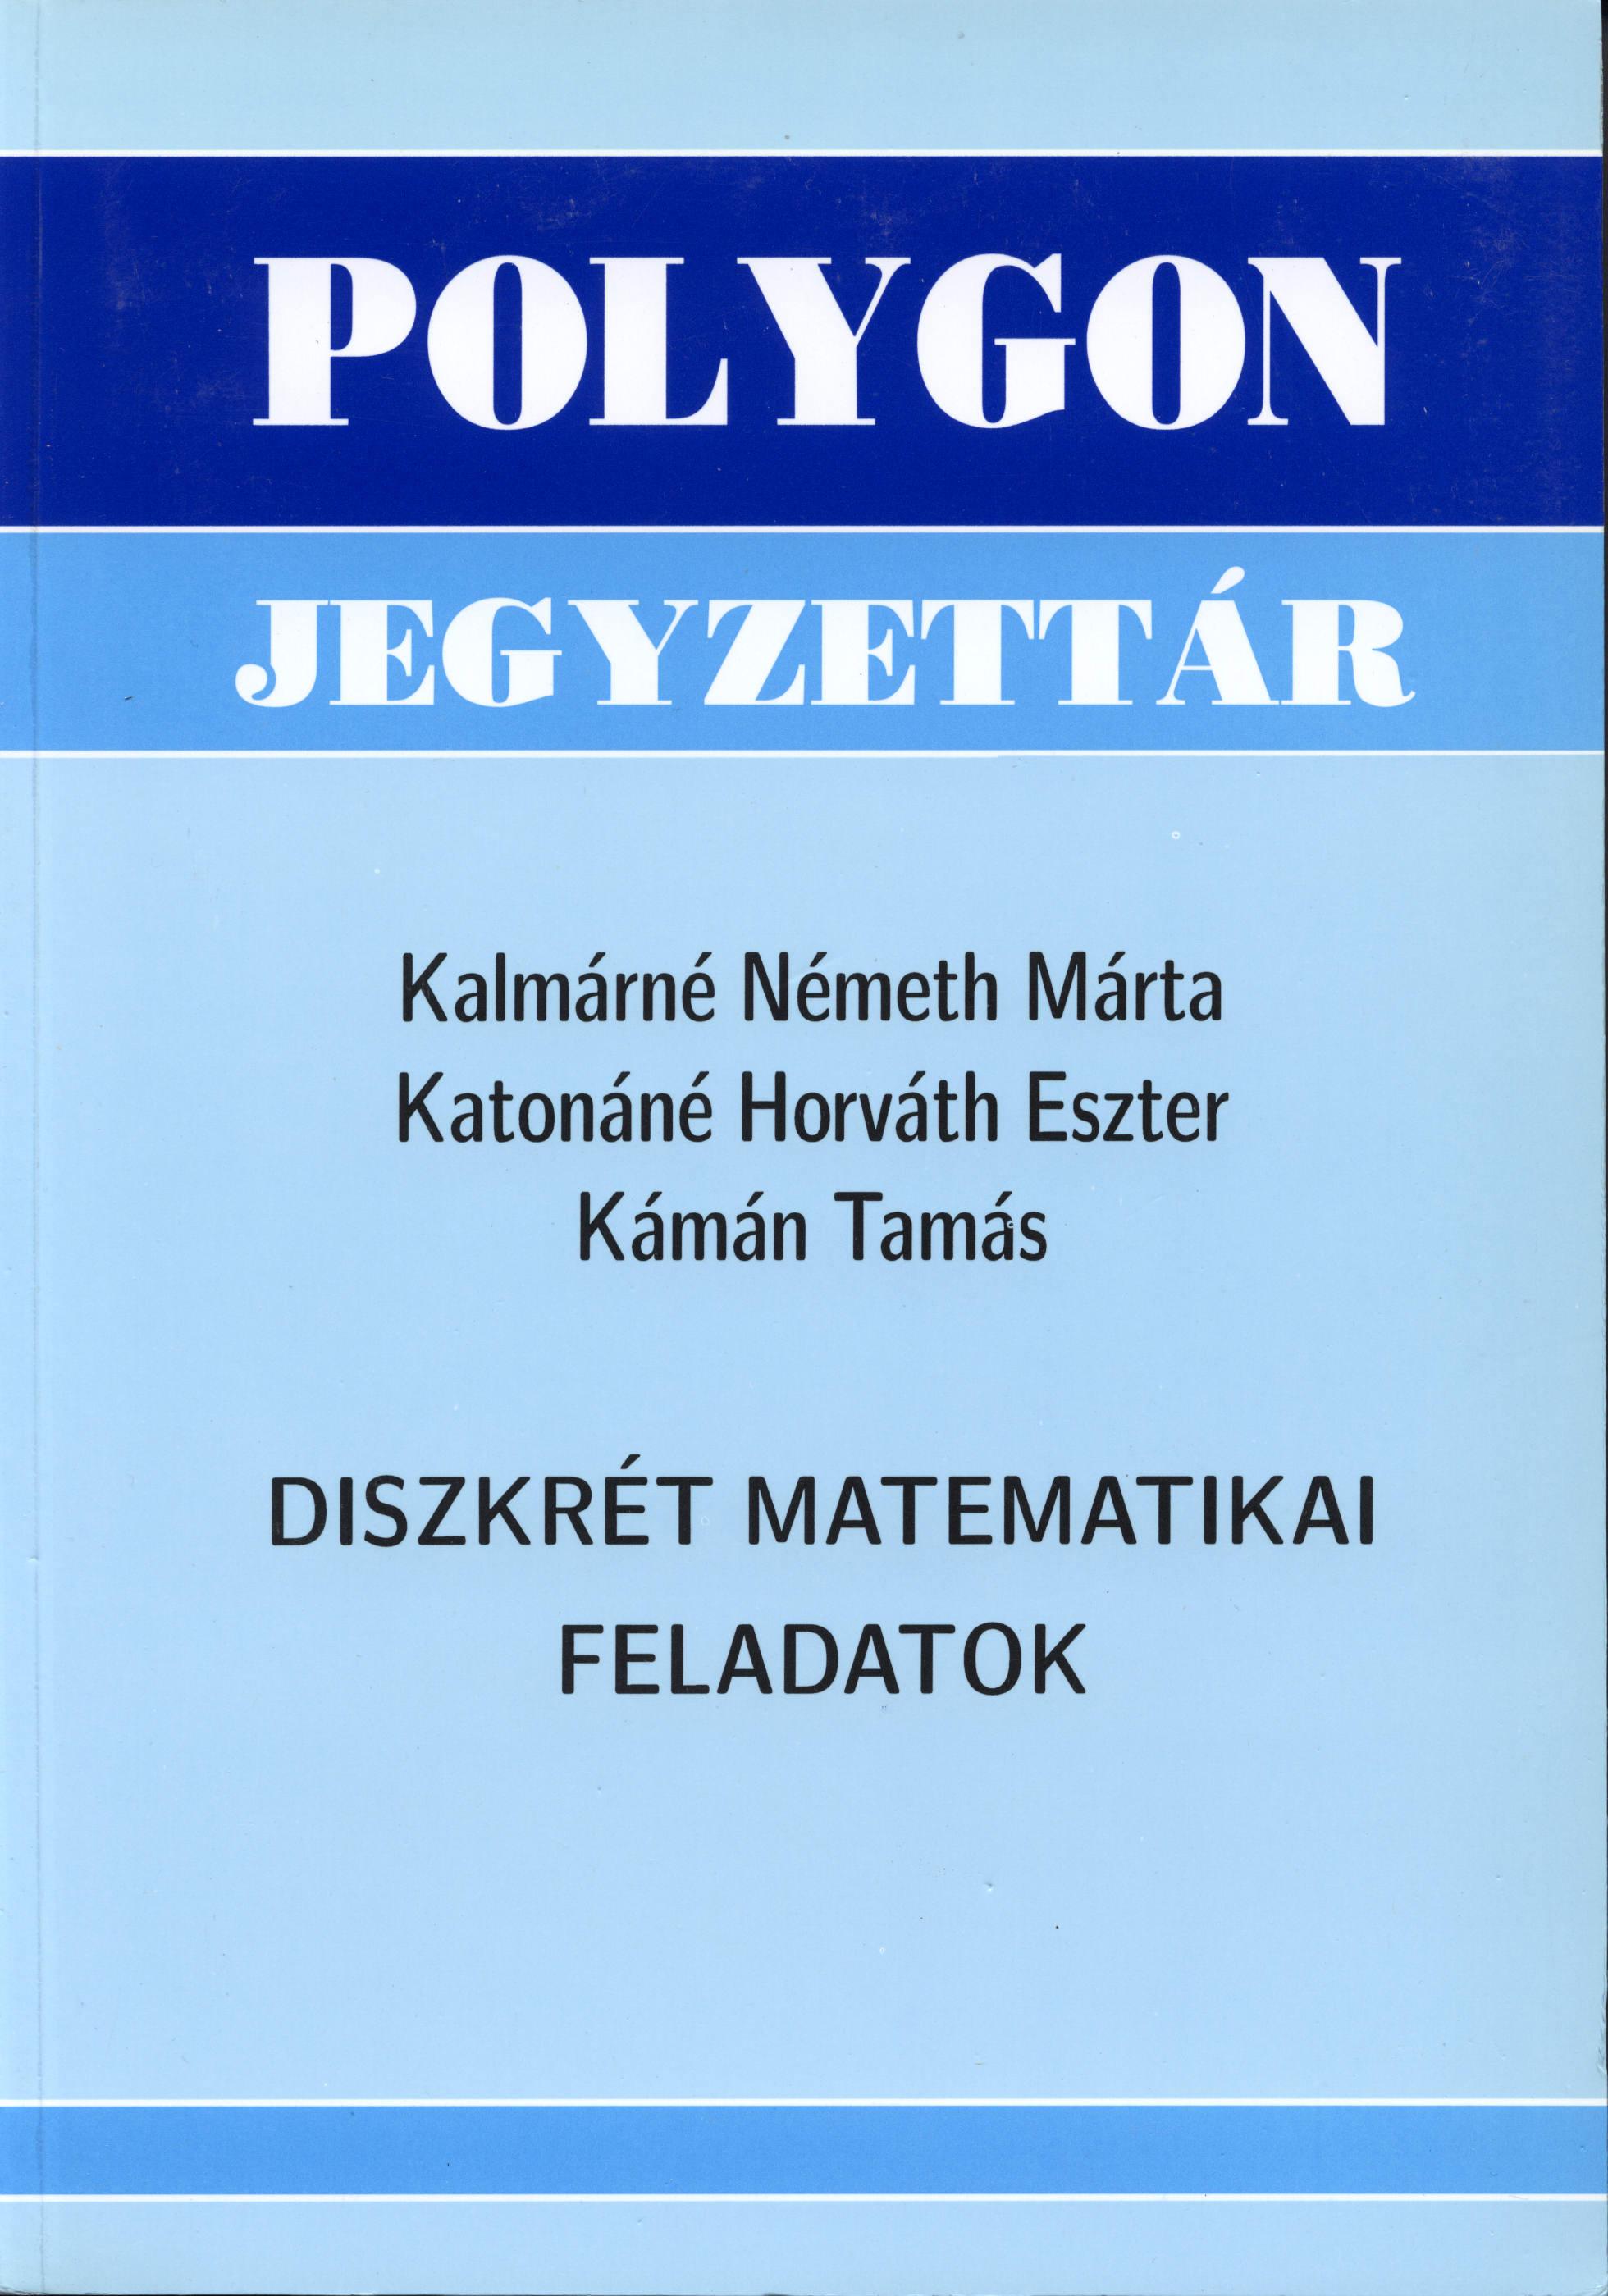 Diszkrét matematikai feladatok - Polygon jegyzet